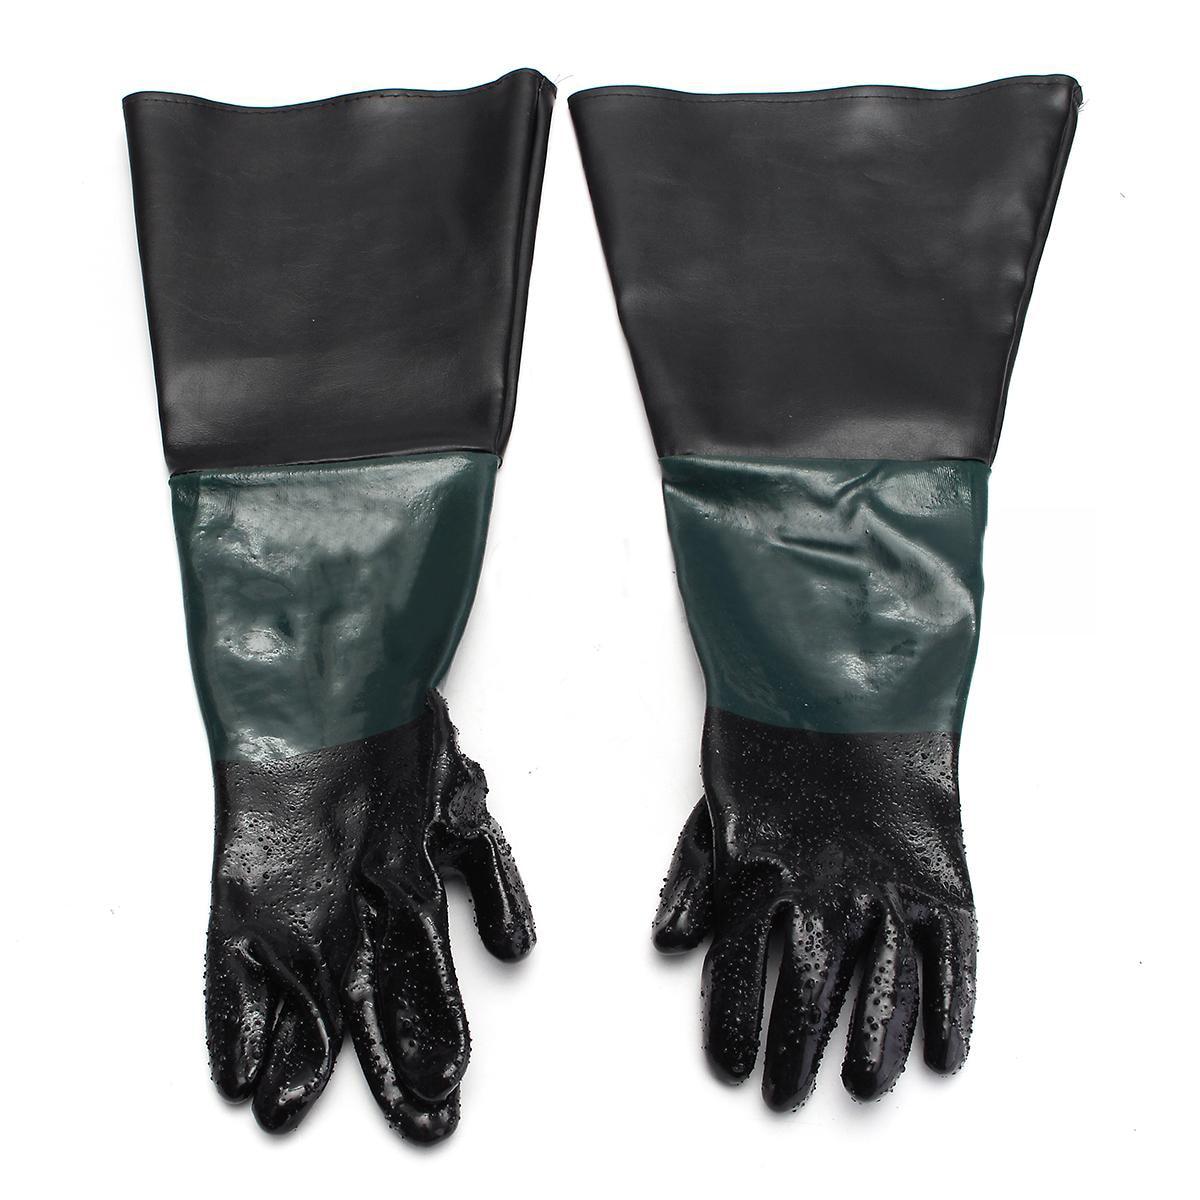 1 Pair 60cm Durable Sandblasting Gloves Heavy Duty Work Gloves For Sandblaster Sand Blast Cabinet pvc sandblaster gloves 60cm